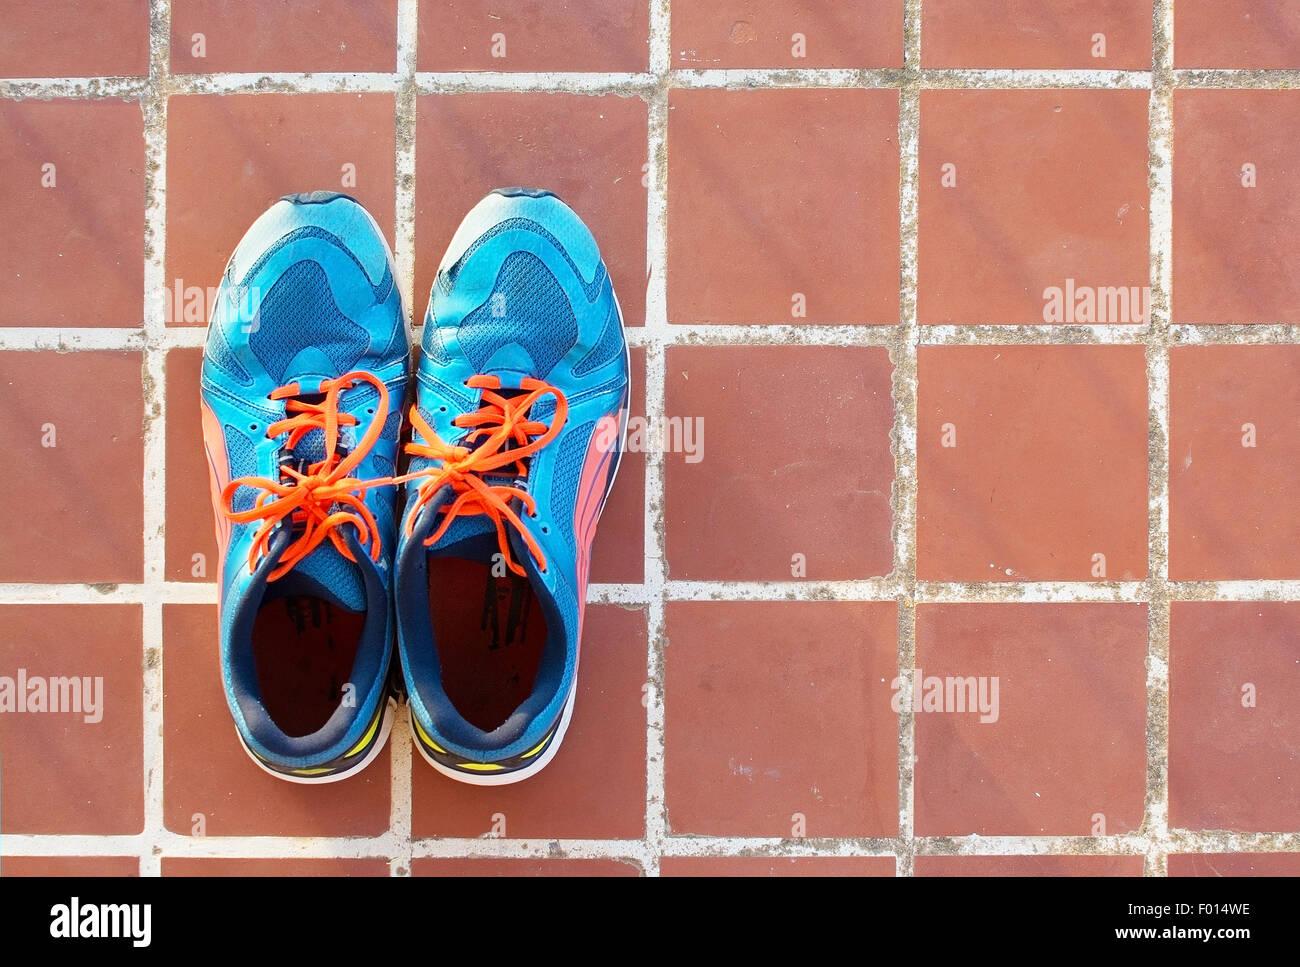 Blu scarpe sportive sul pavimento in terracotta piastrella quadrata